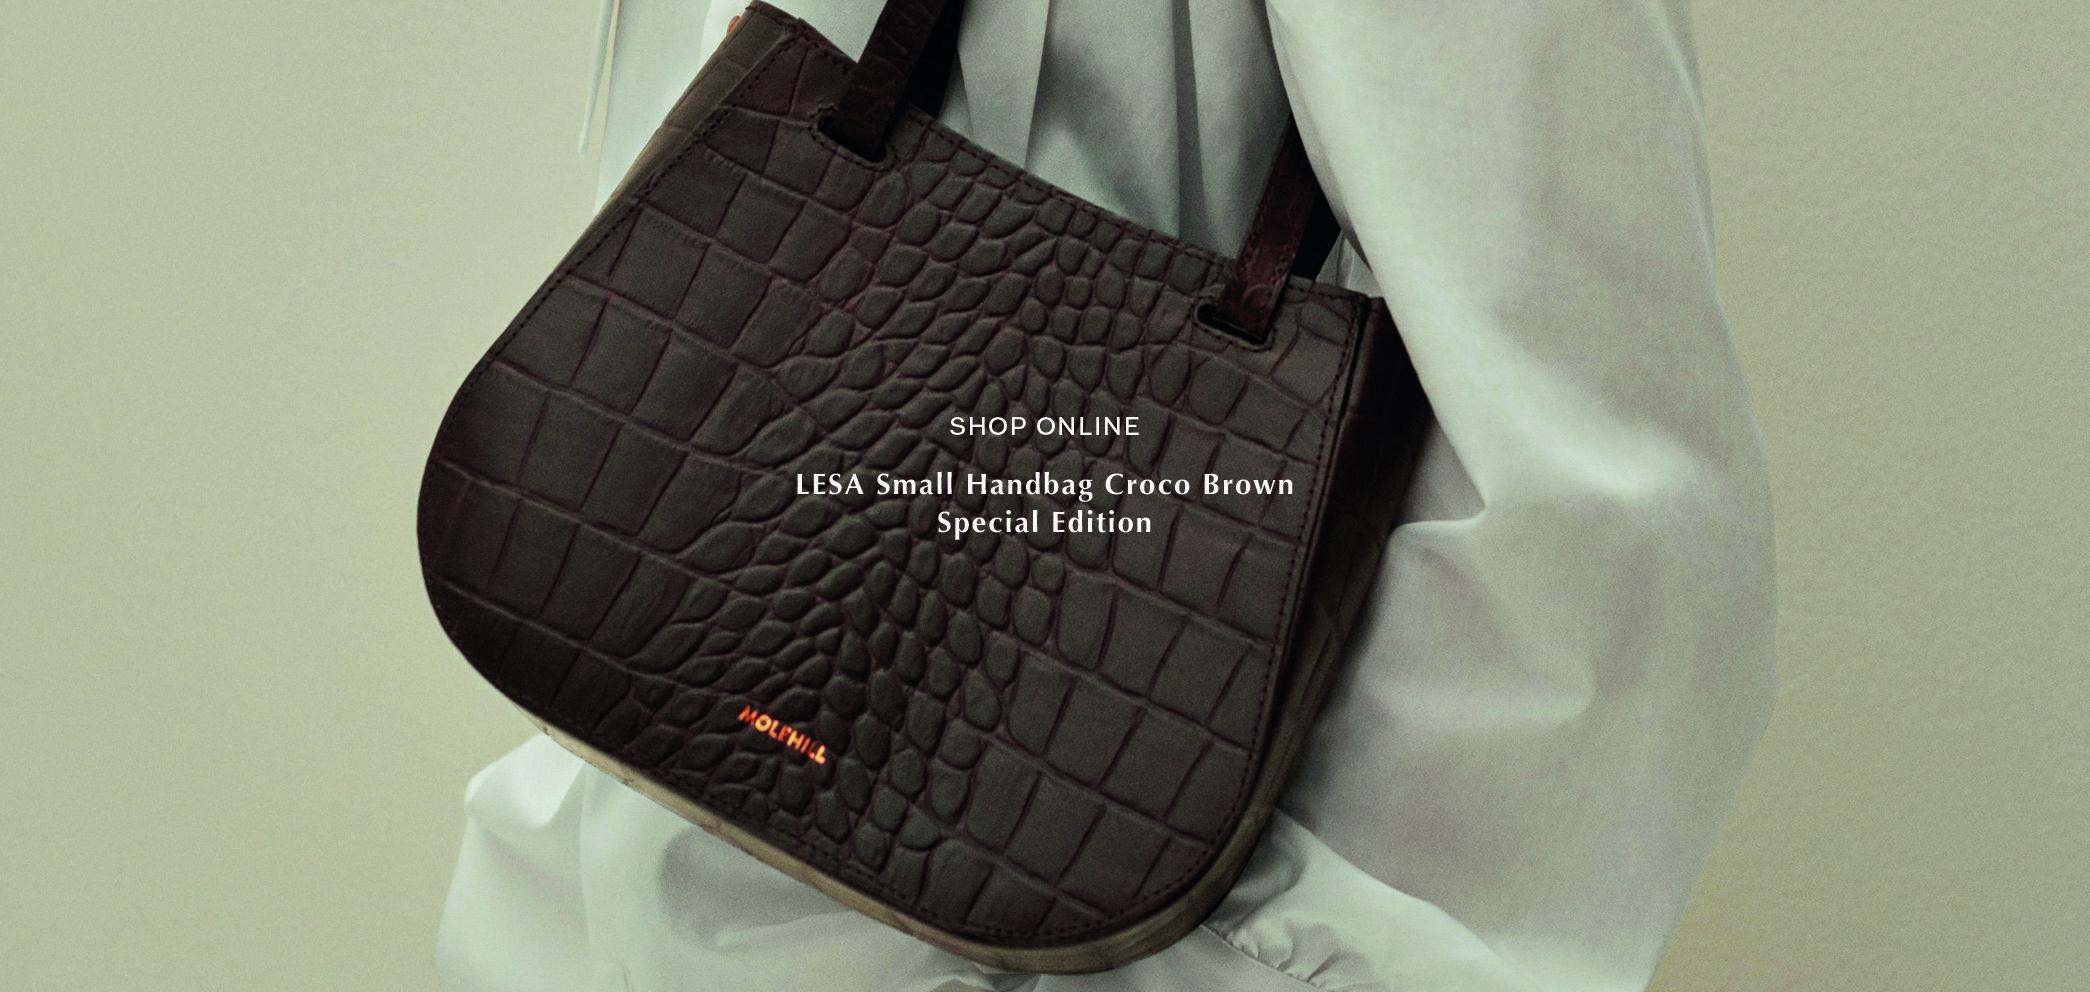 Molehill-Lesa-Small-Handbag-Croco-Brown-Special-Edition